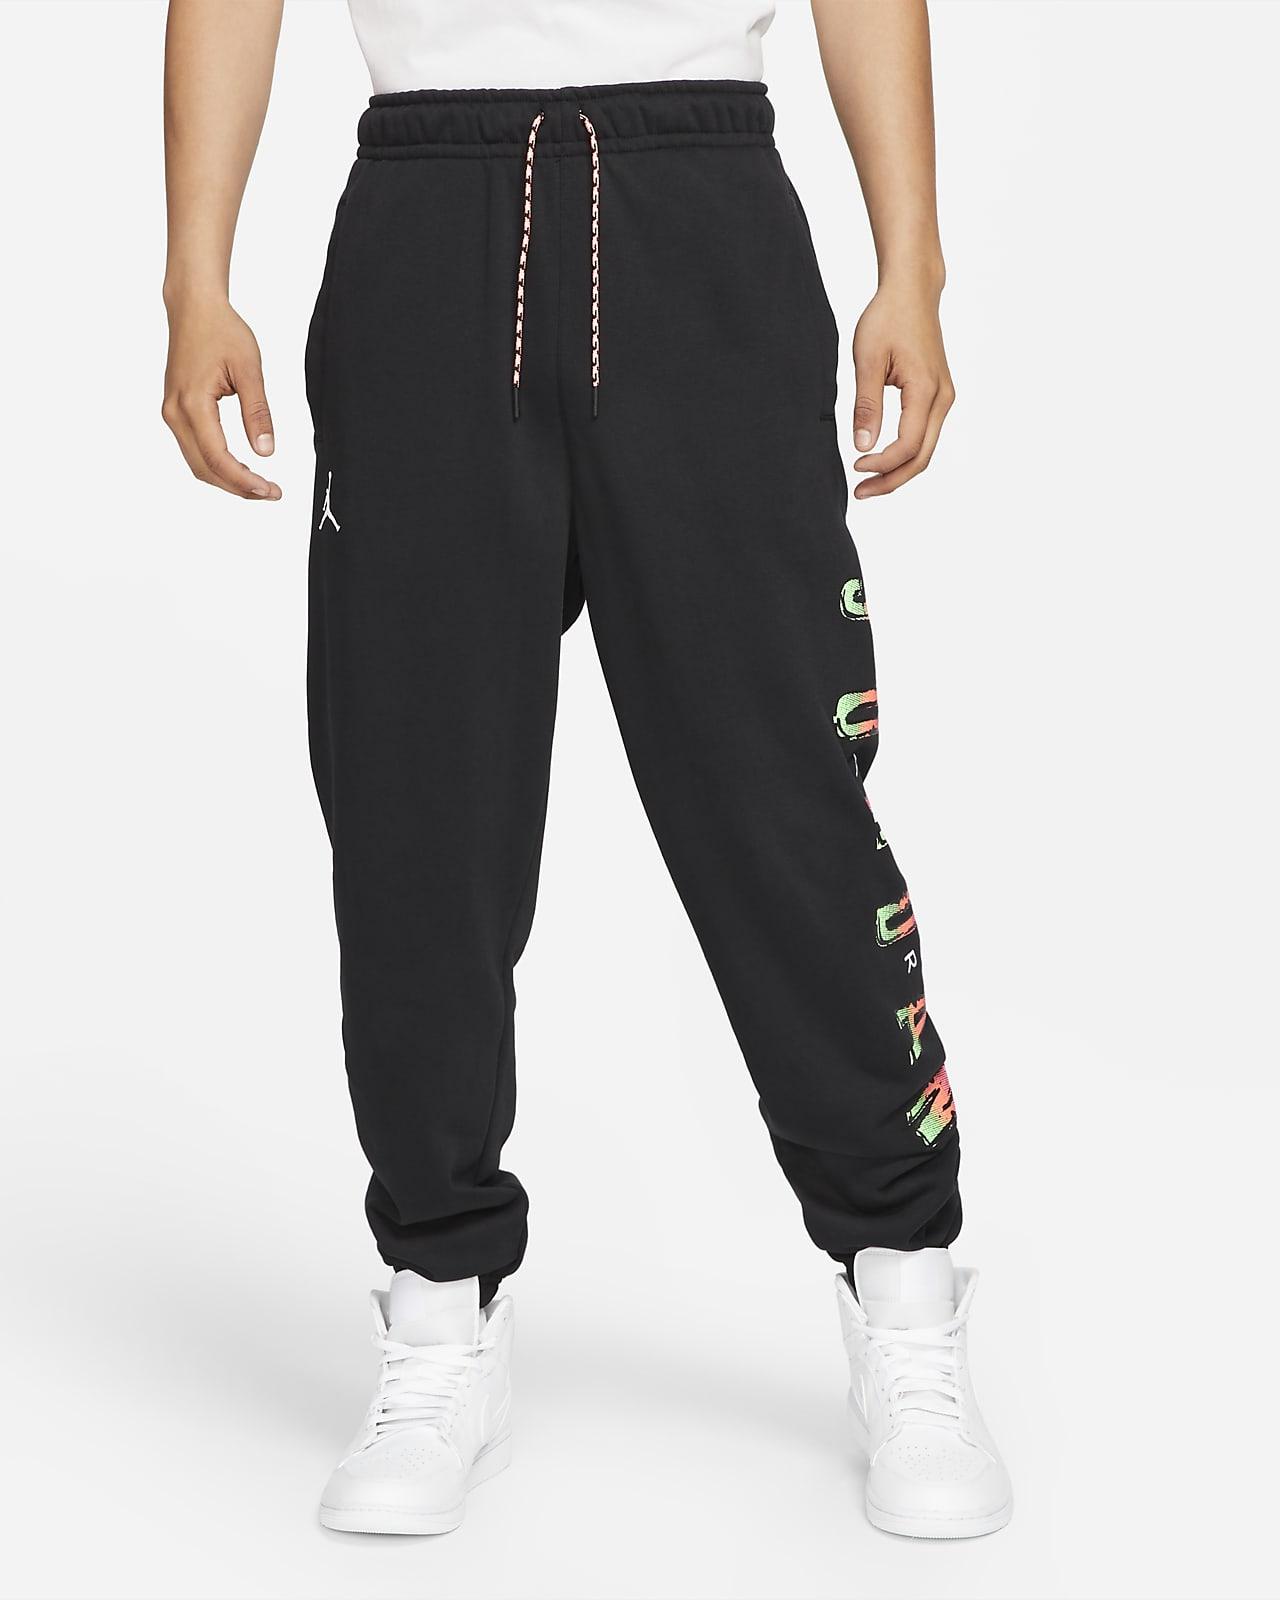 Jordan Sport DNA-bukser til mænd